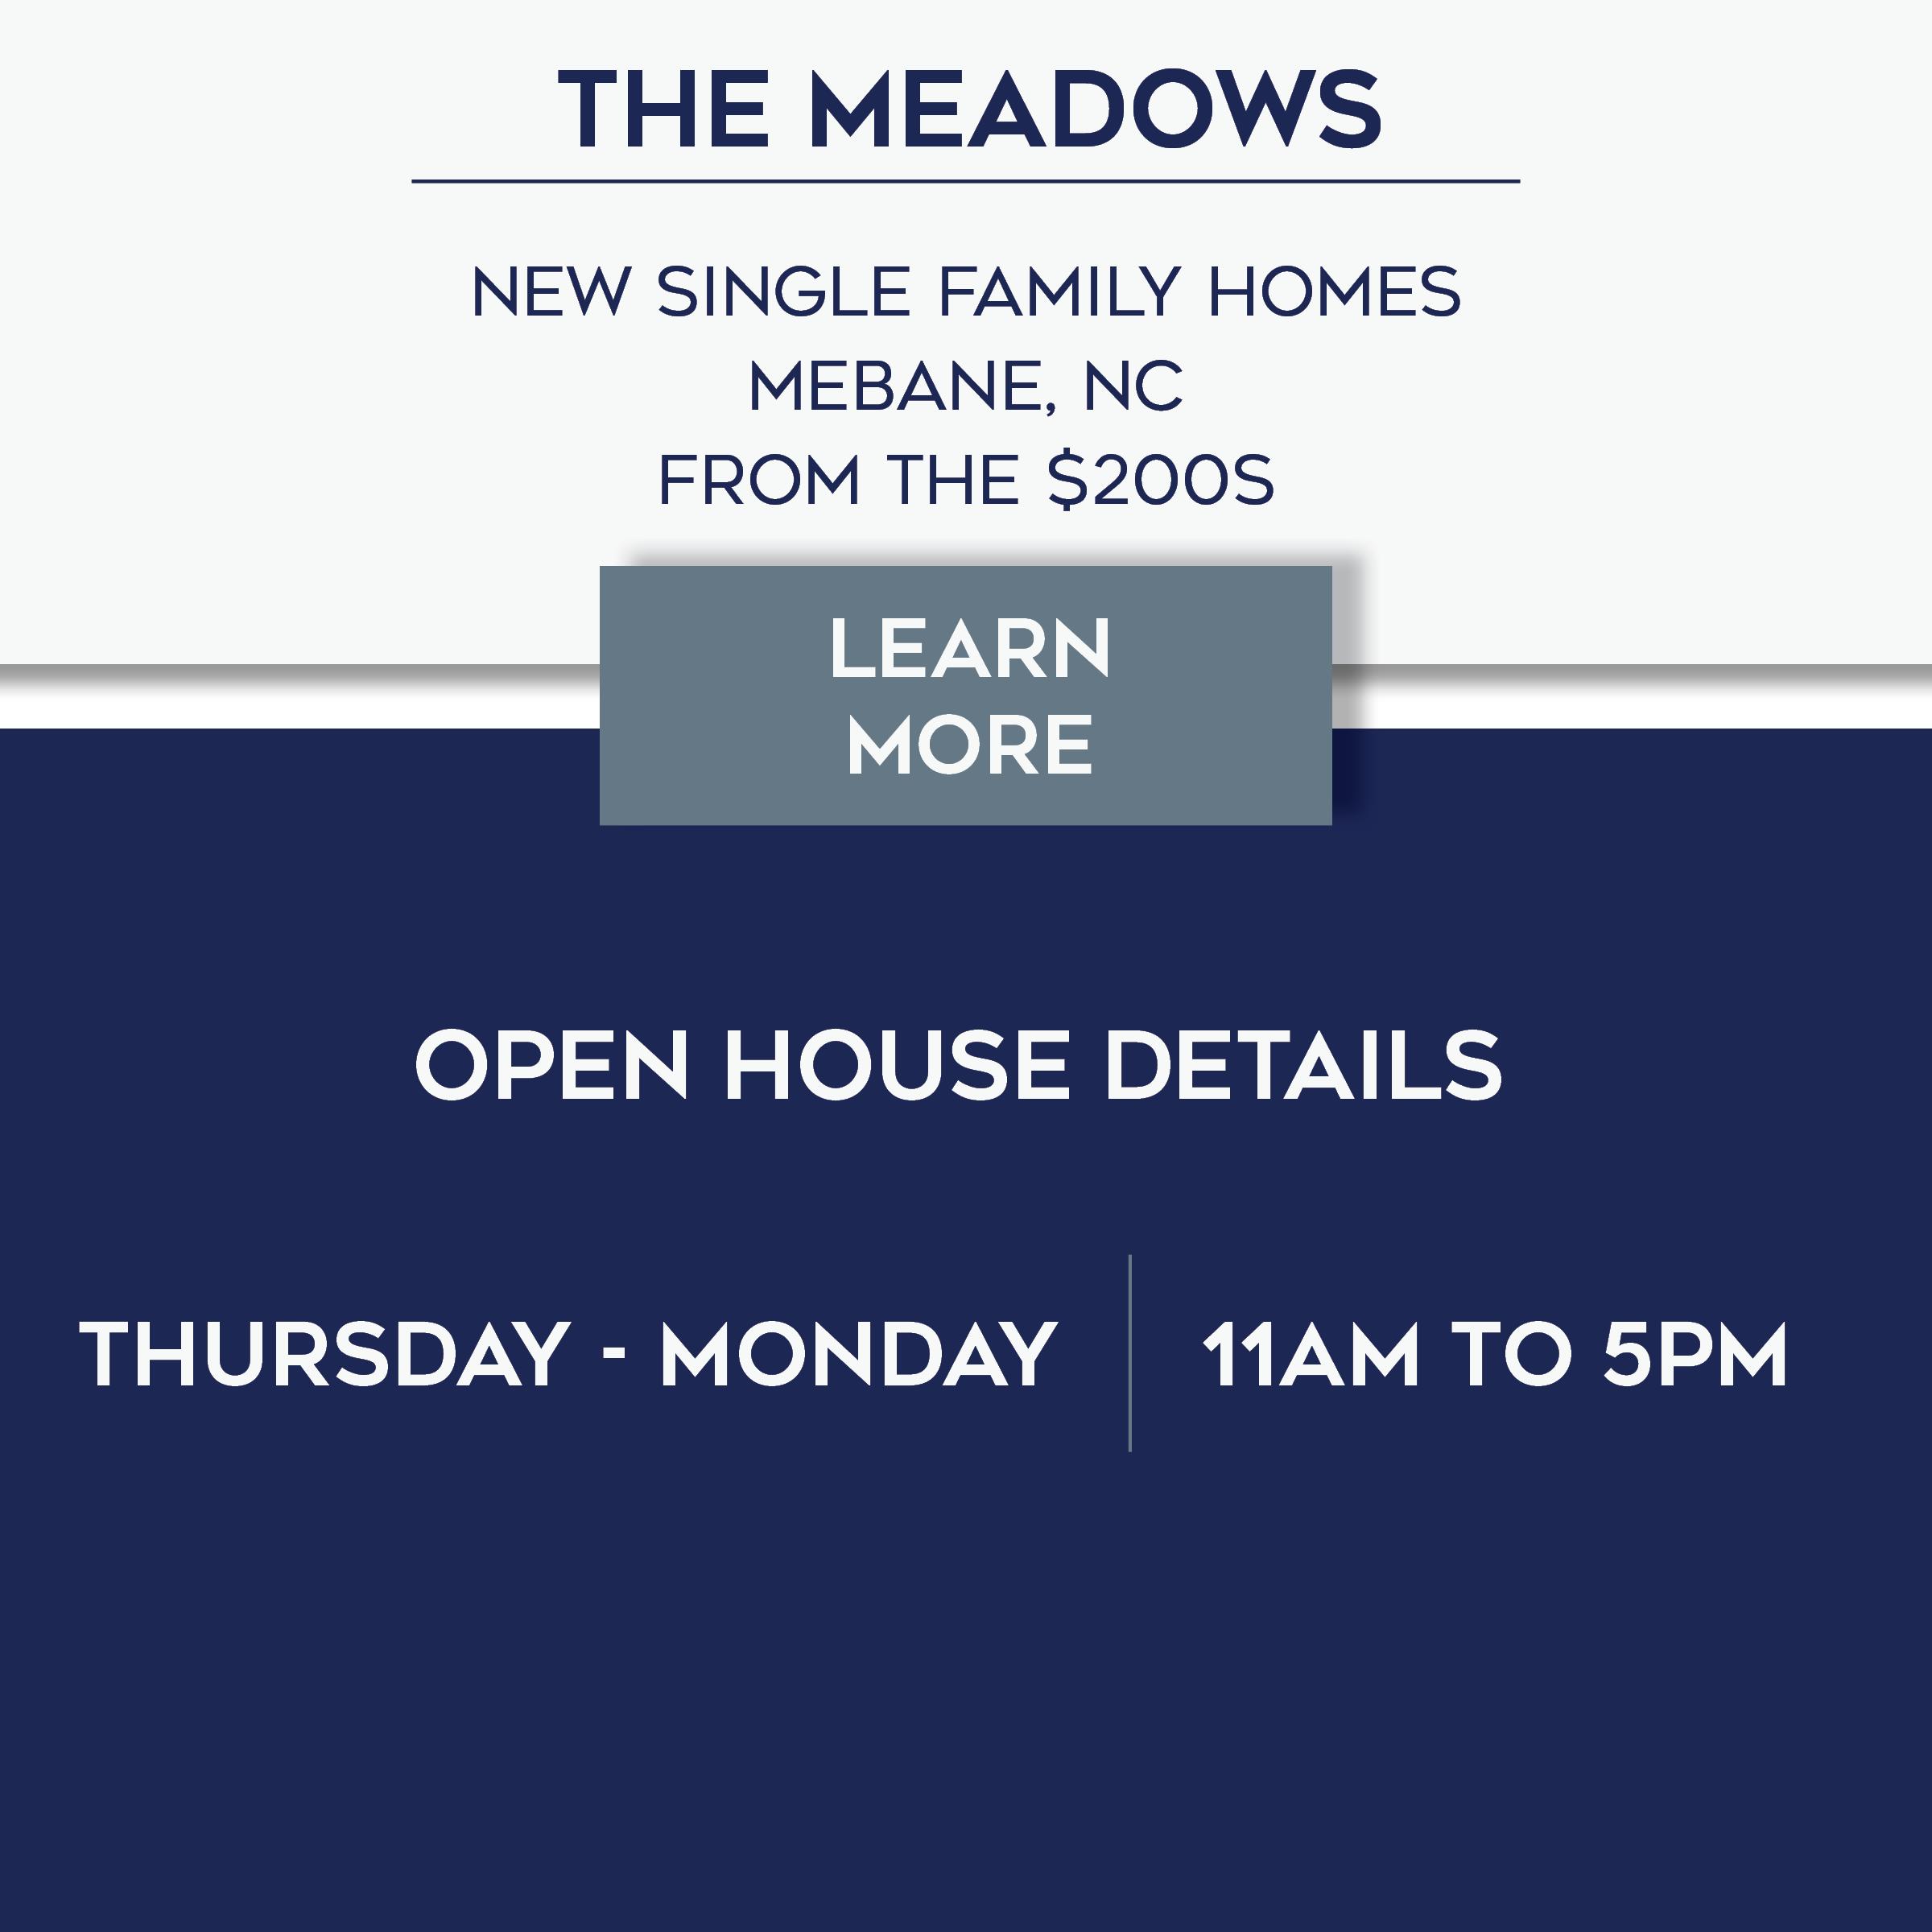 The Meadows Open House